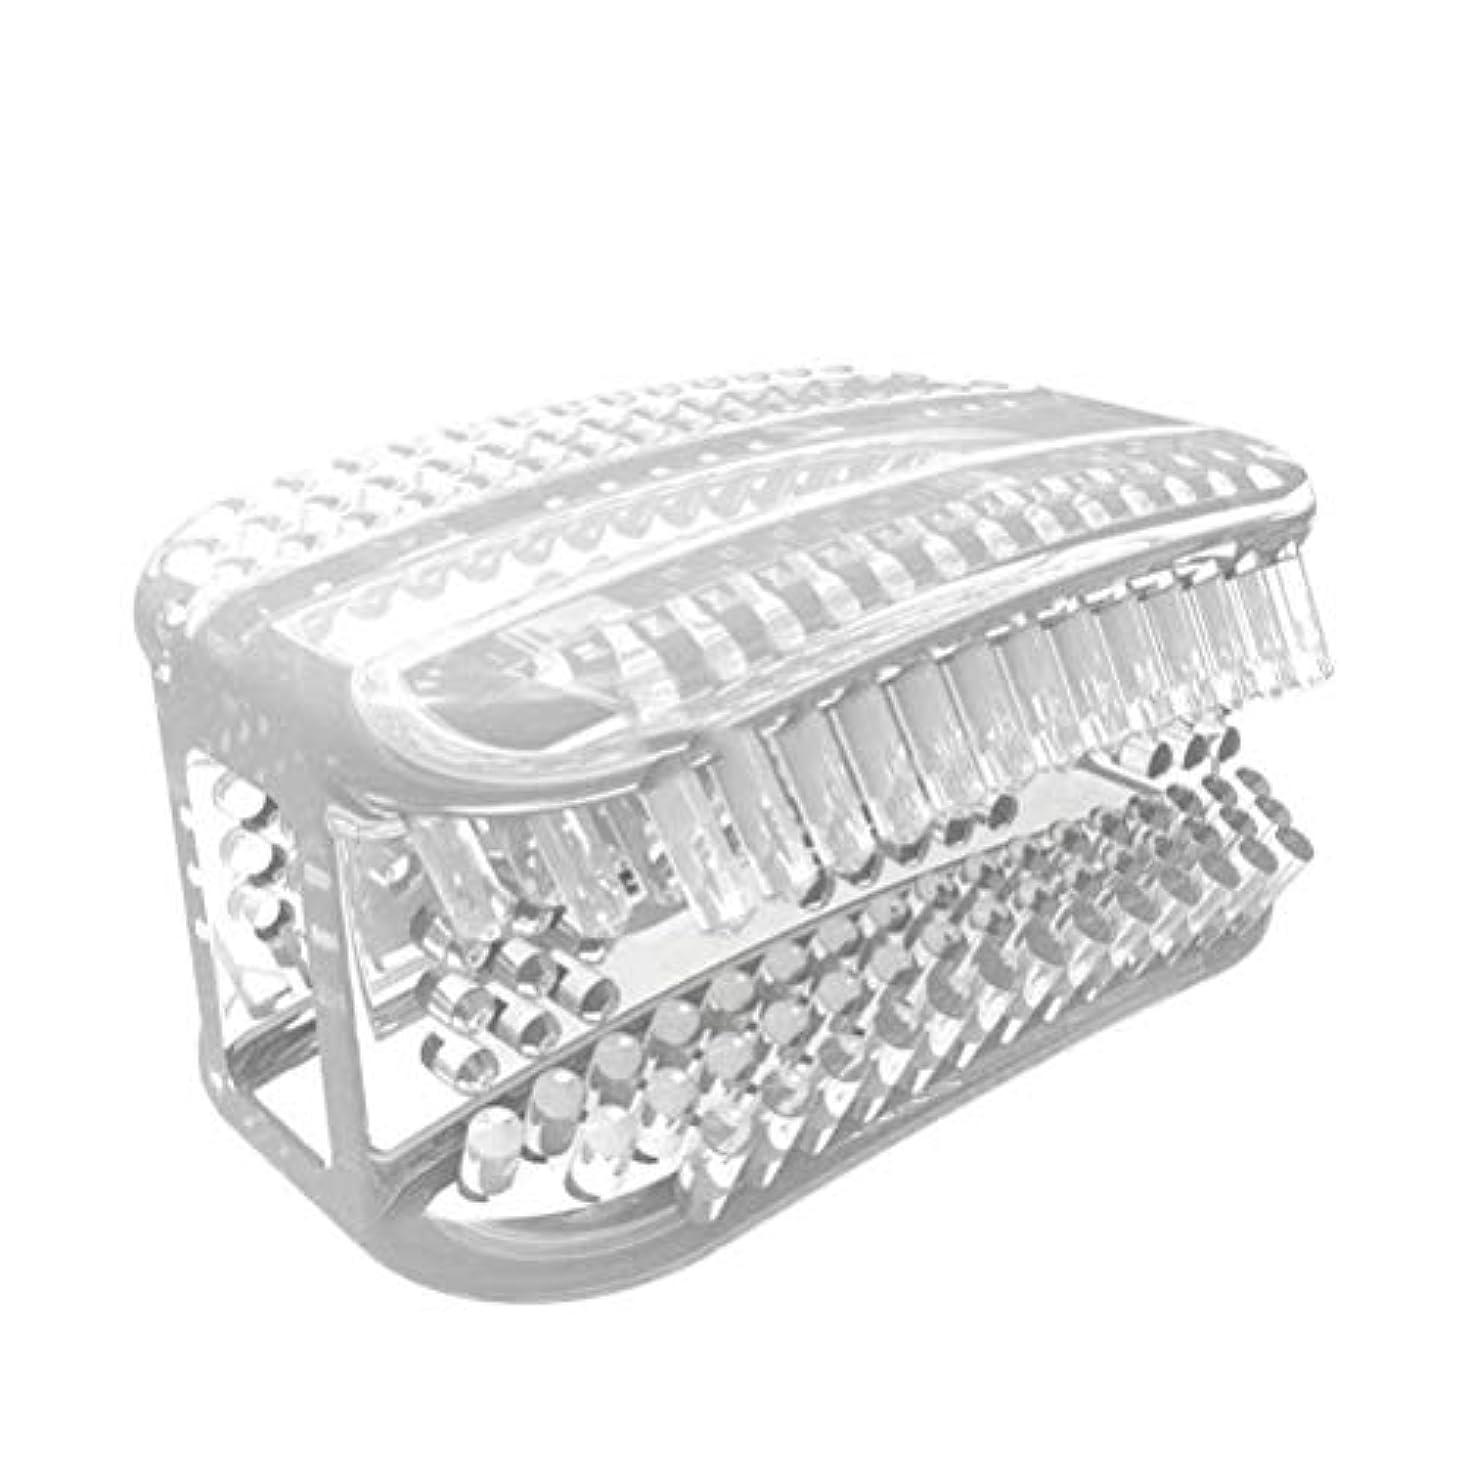 不振満員エミュレーションHealifty 便利な歯ブラシ怠惰な咀嚼ポータブルミニホワイトニング歯ブラシ歯のクリーニングツール(透明ホワイト)